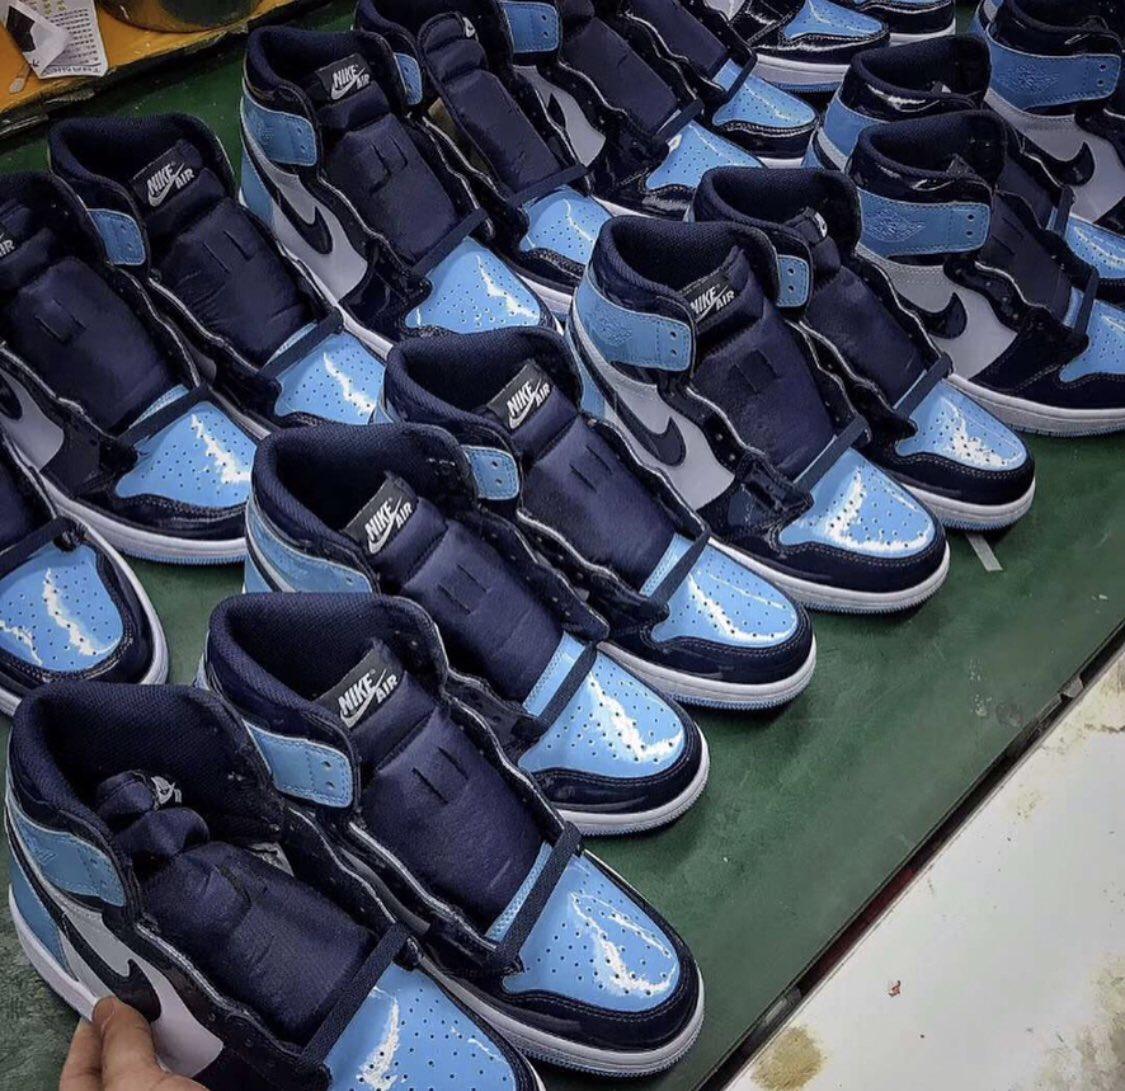 cde7e0f1165 Sneaker Con on Twitter: